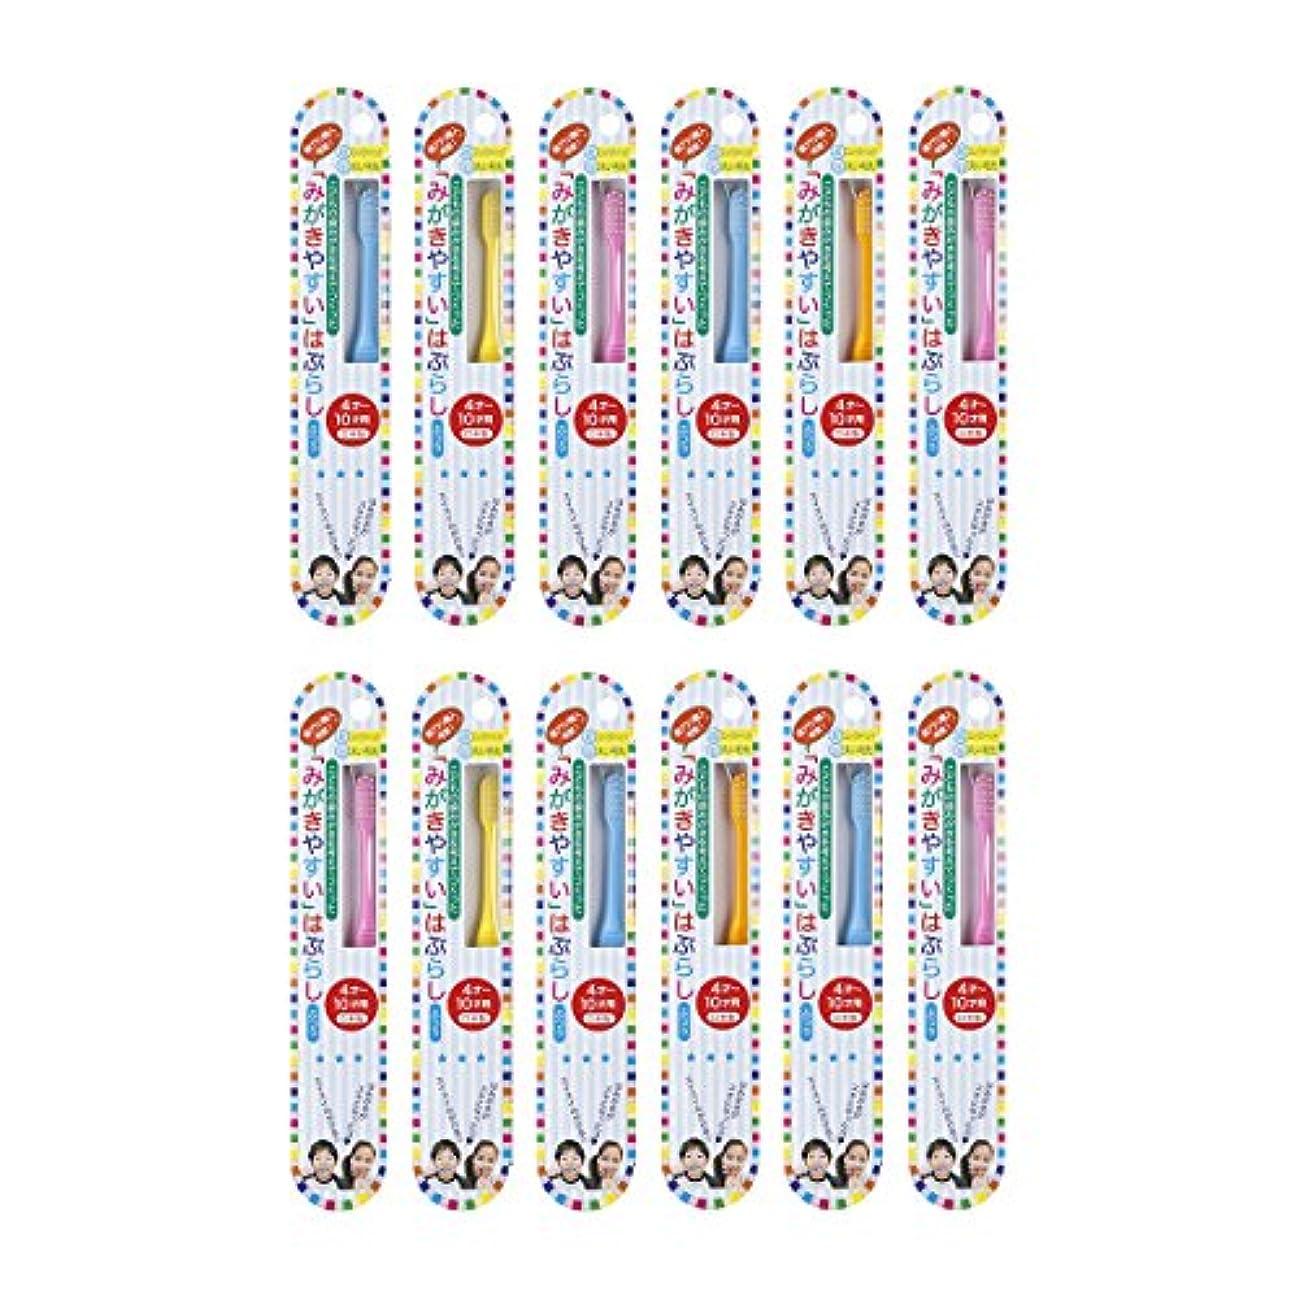 球体準備したマルコポーロ歯ブラシ職人Artooth 日本製 田辺重吉 磨きやすい歯ブラシこども用 LT-10 (12本パック)